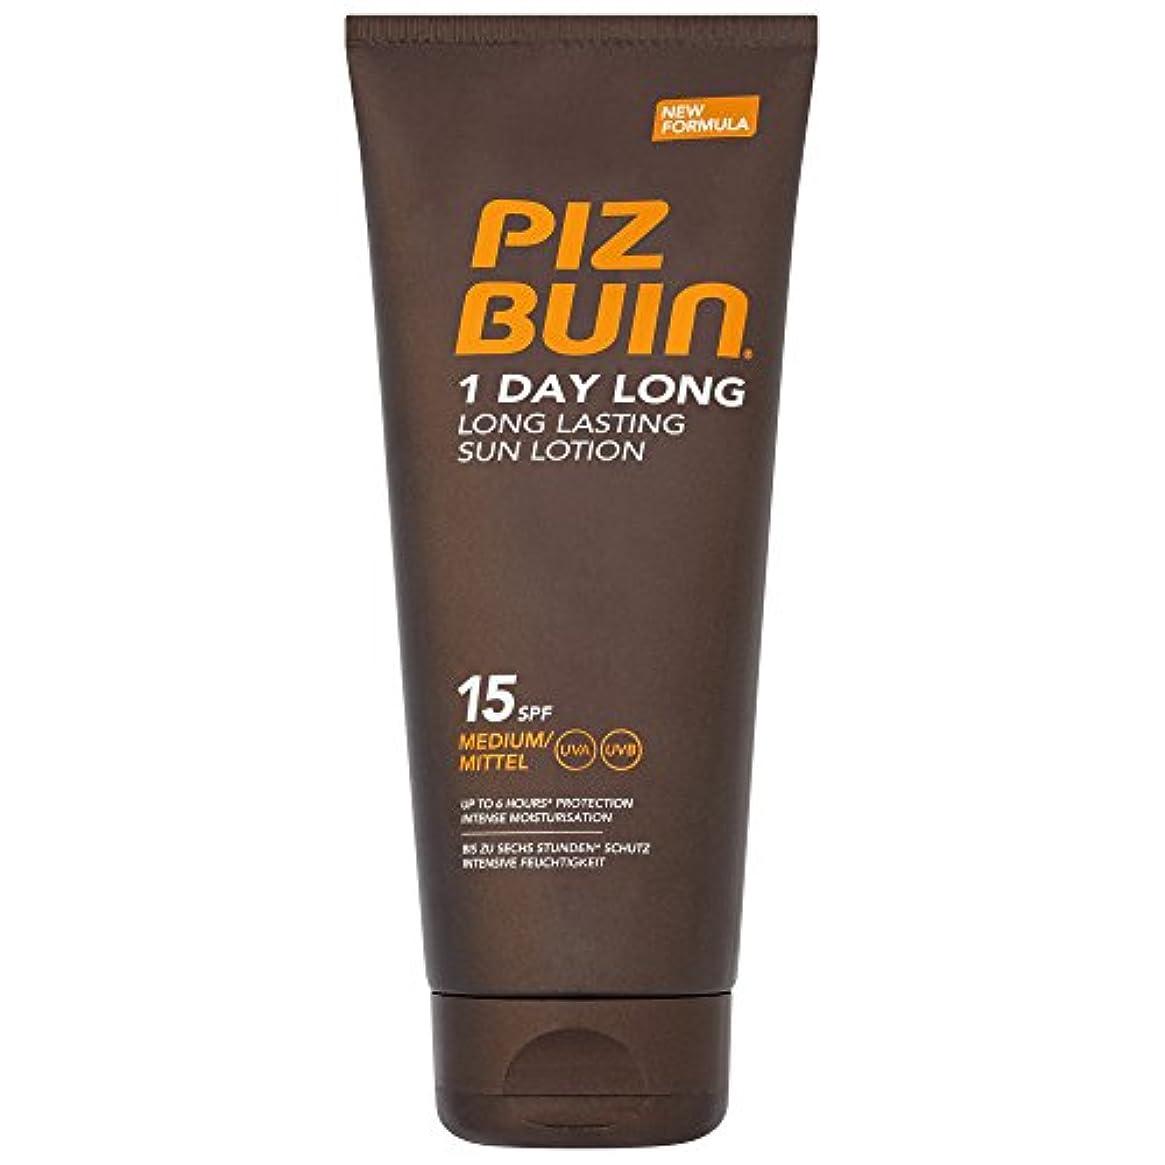 緩めるに頼る農民Piz Buin 1 Day Long SPF15 Sun Lotion 200ml - ピッツブーインの1日長い15の日焼けローション200 [並行輸入品]